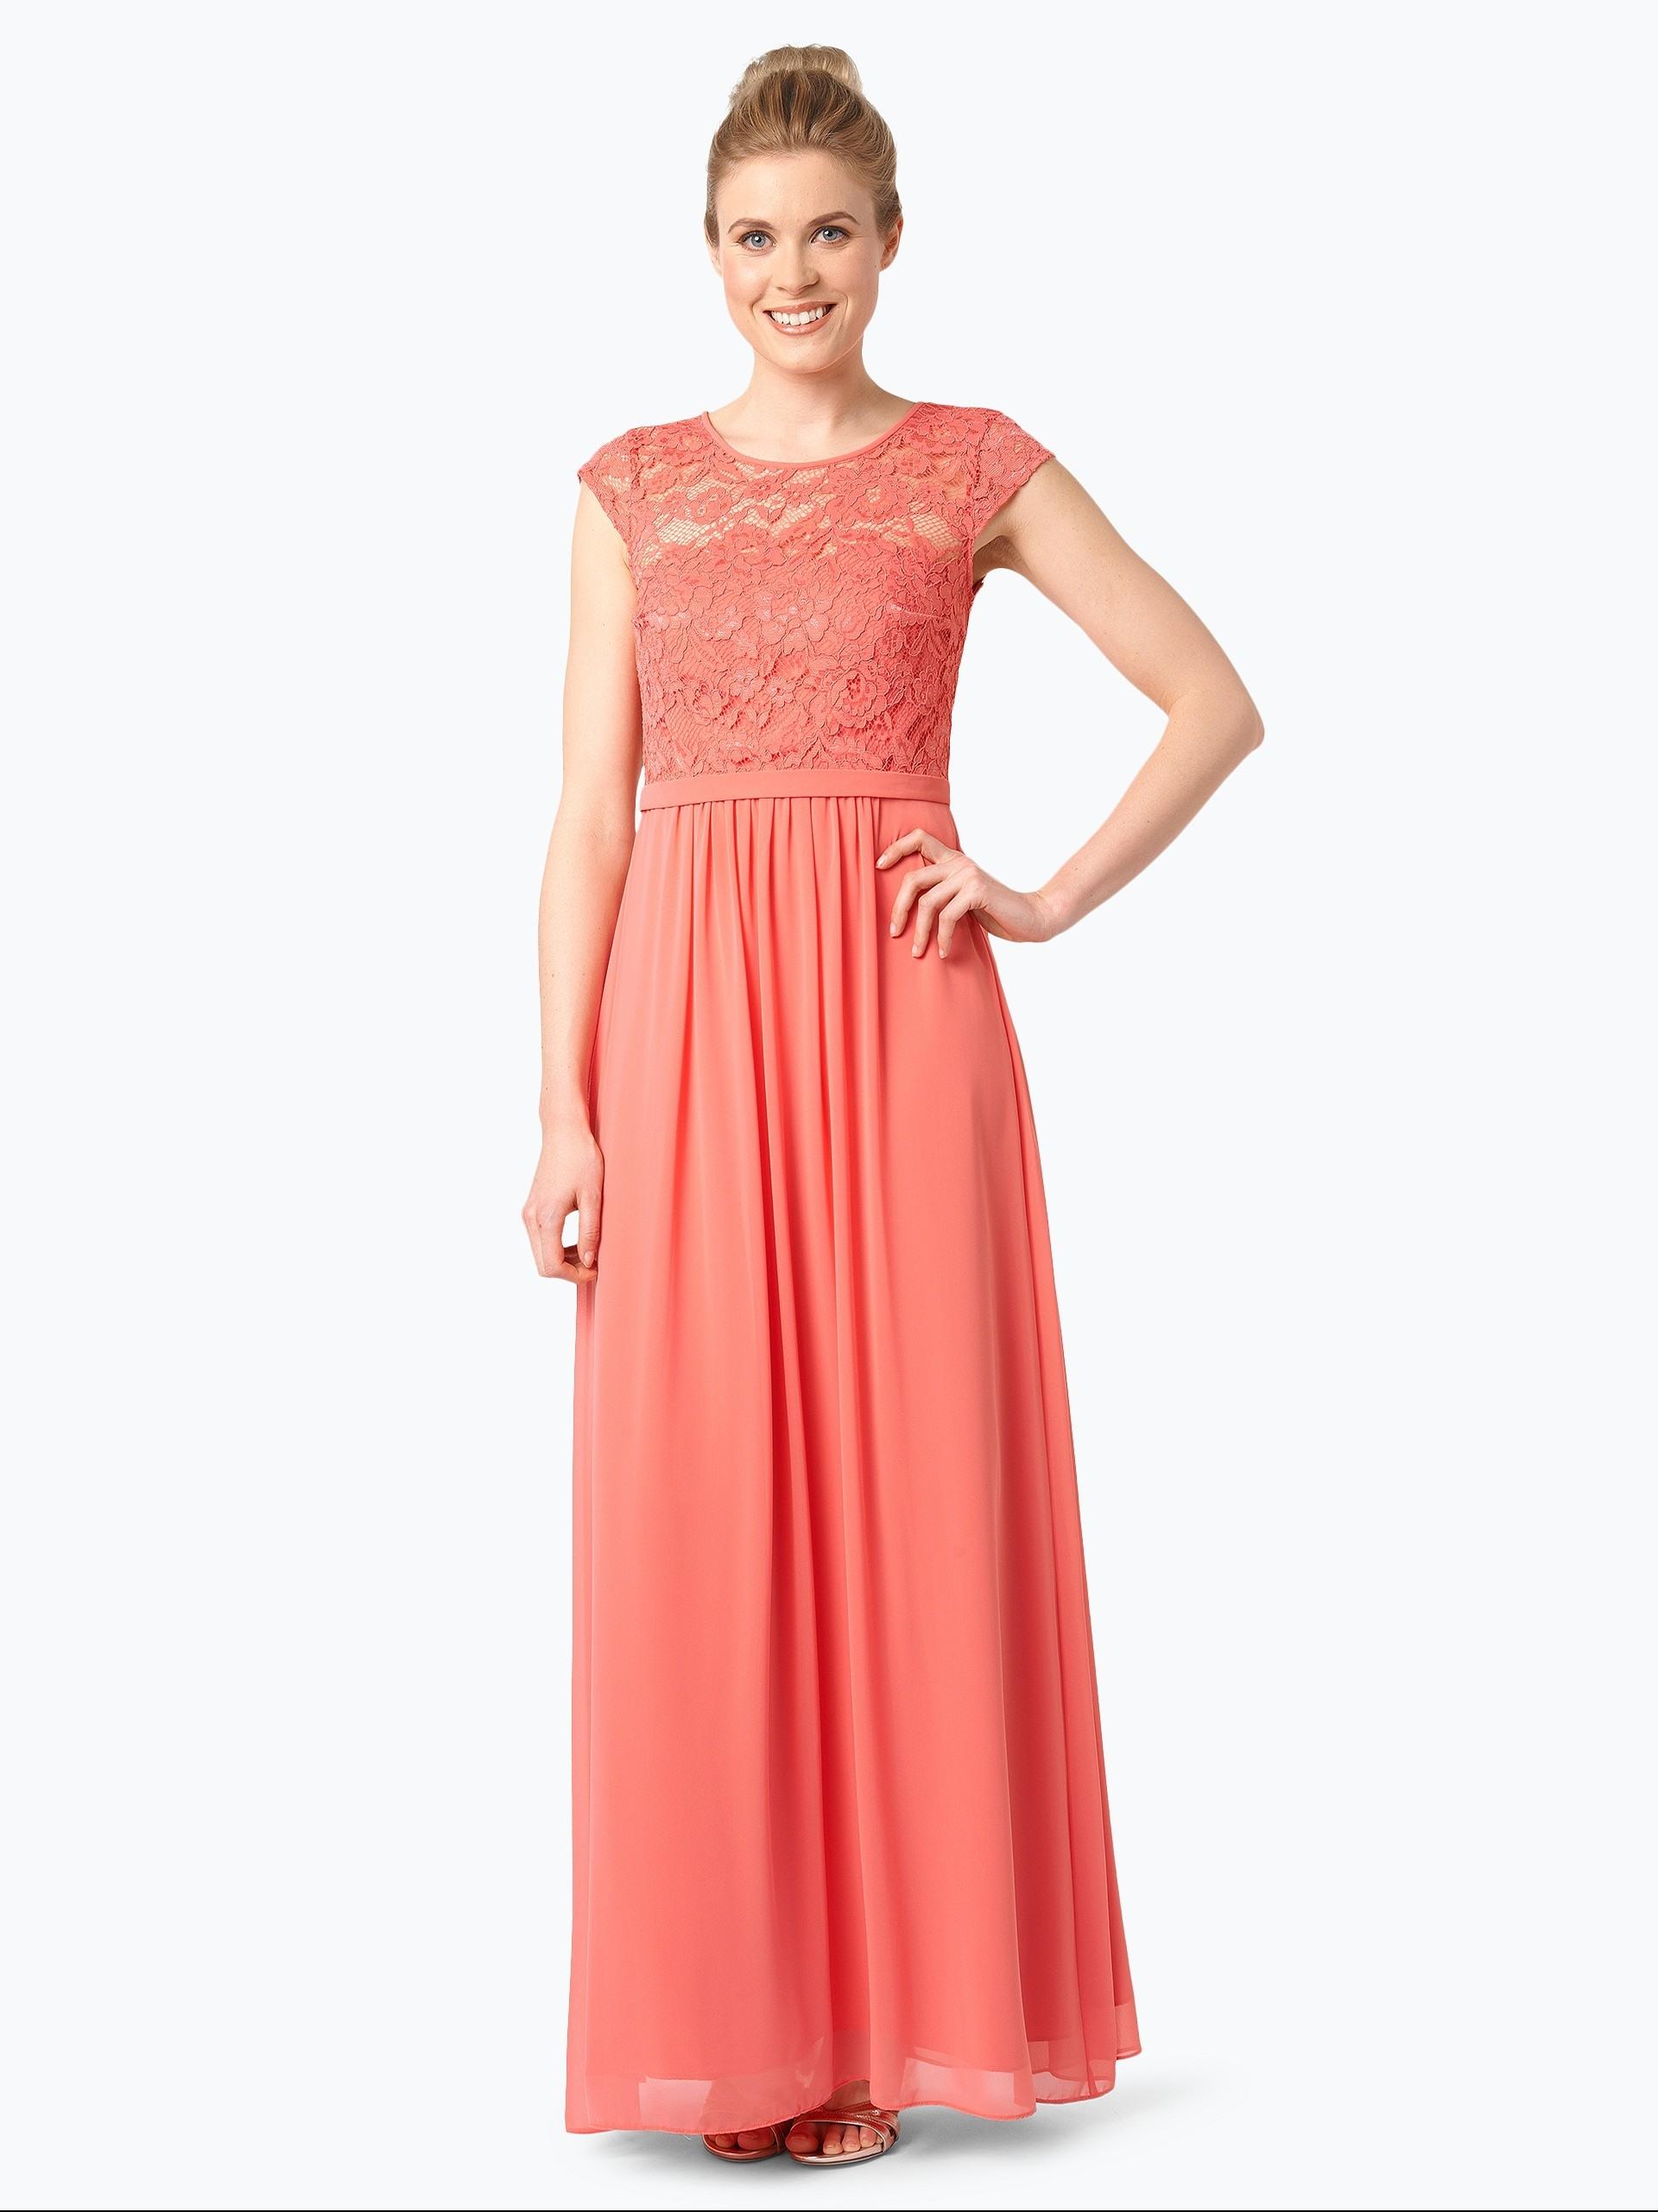 Formal Einfach Mode Abendkleider SpezialgebietFormal Schön Mode Abendkleider Ärmel